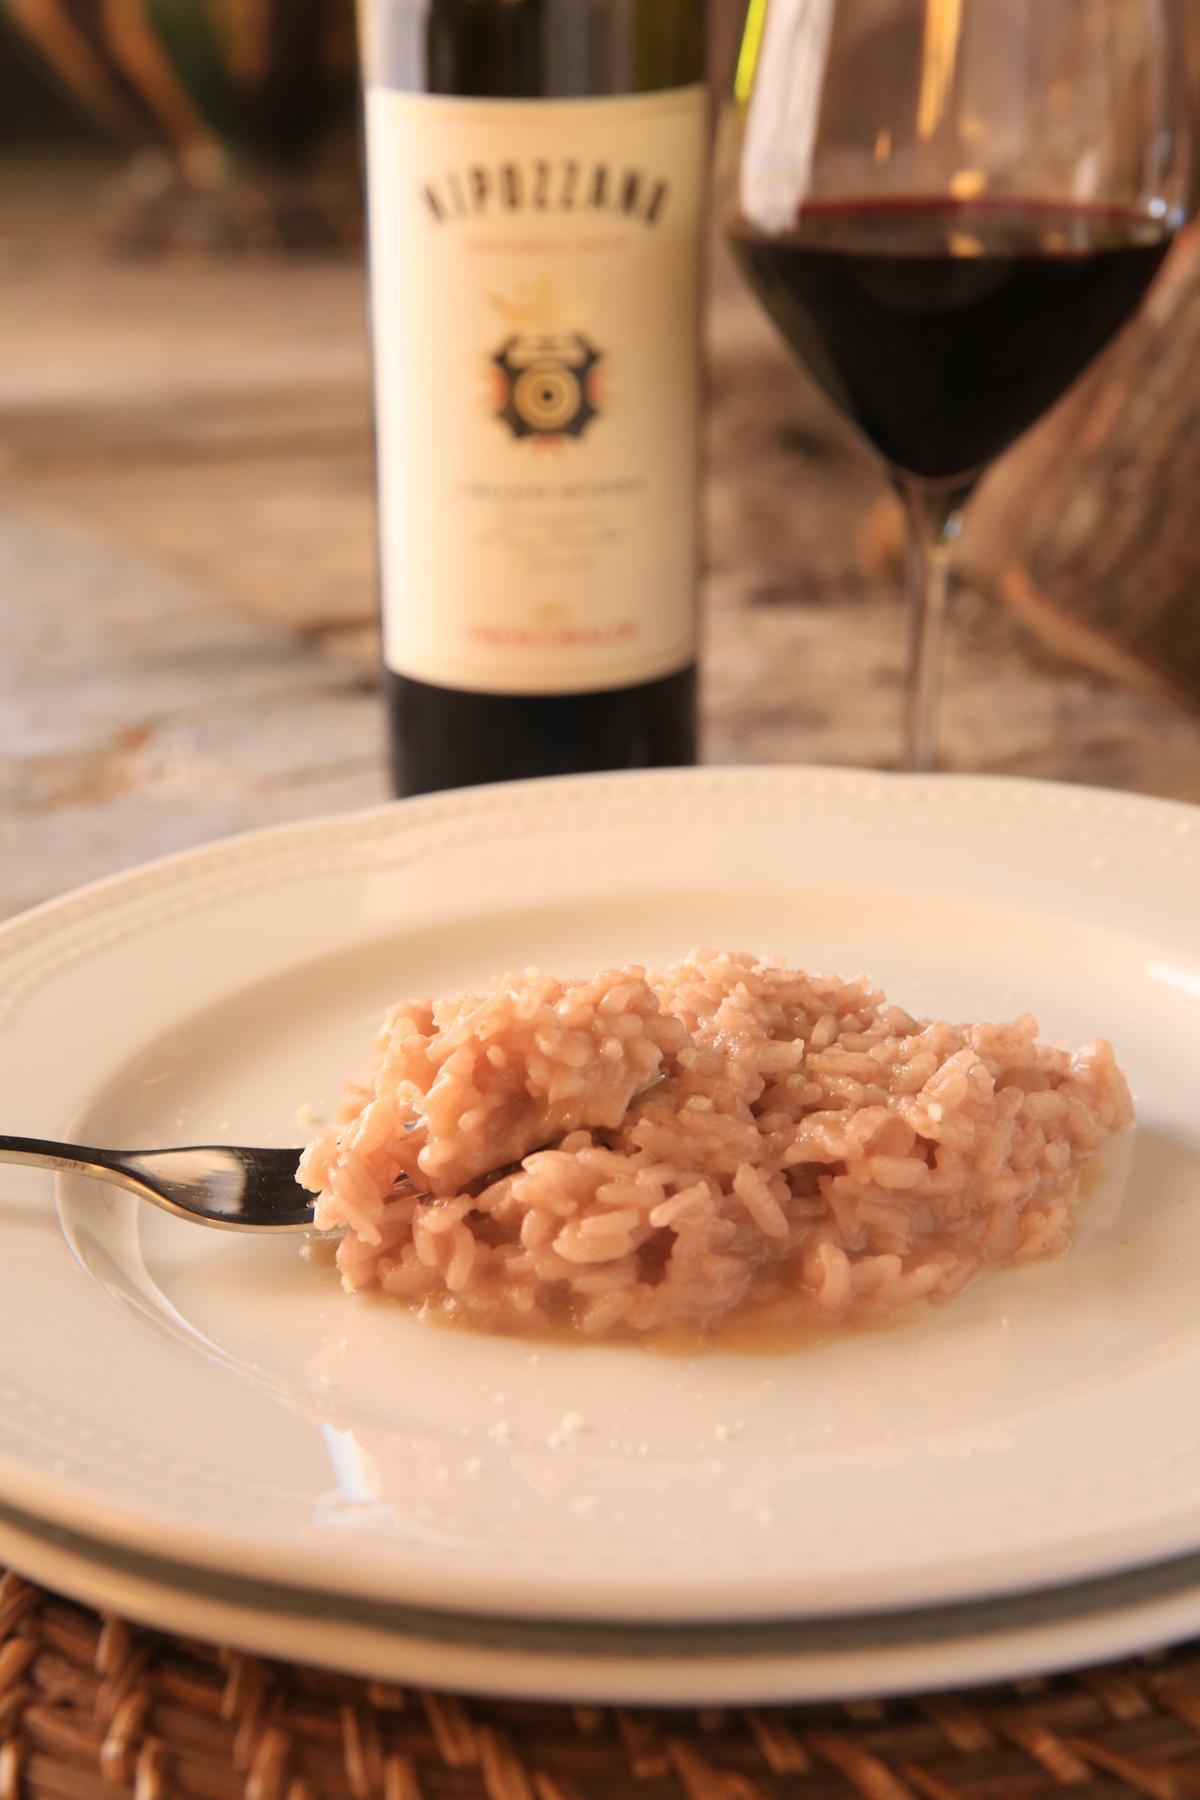 以尼波扎諾莊園出產紅酒烹煮而成的紅酒起司燉飯,香濃美味。